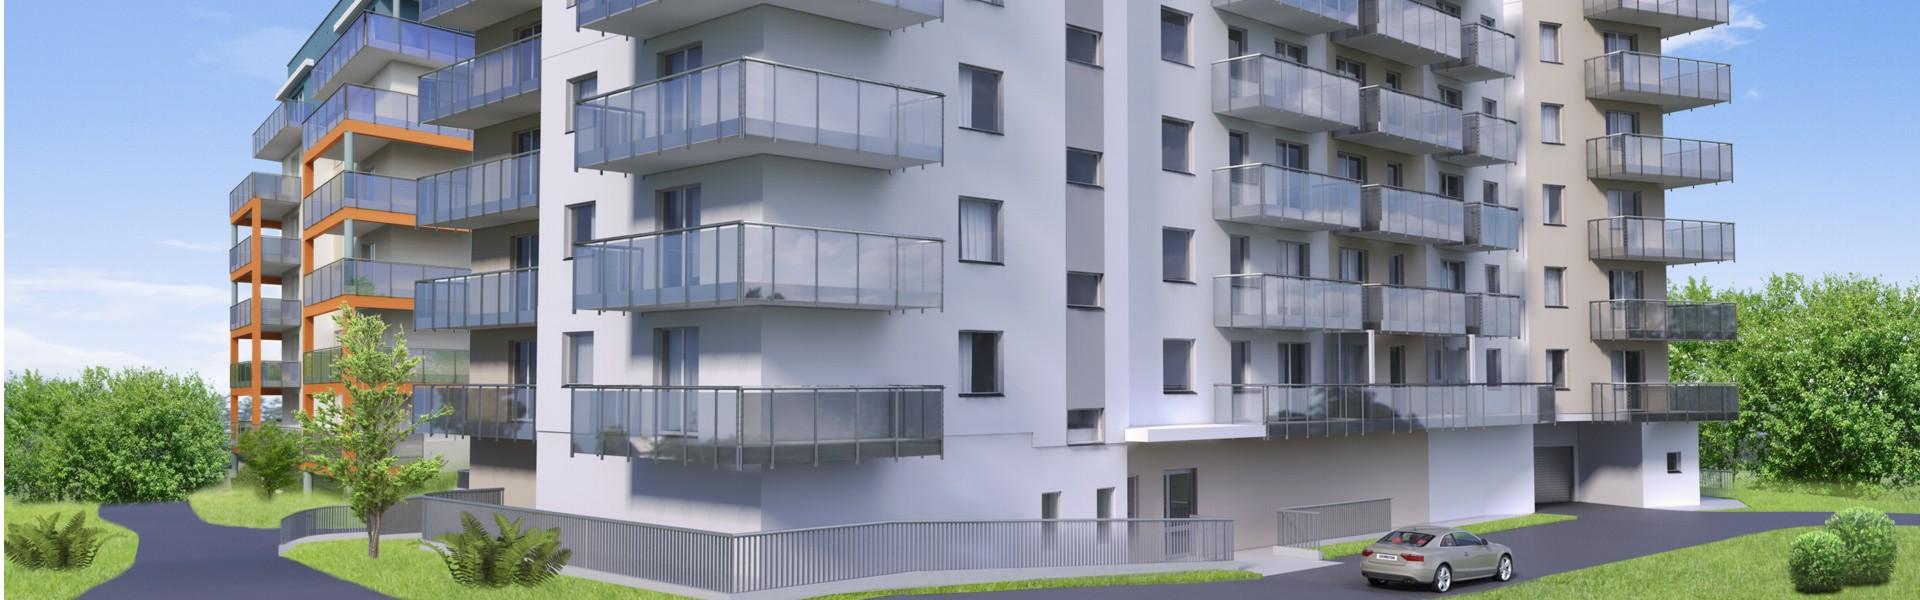 Mieszkania na sprzedaż Poznań